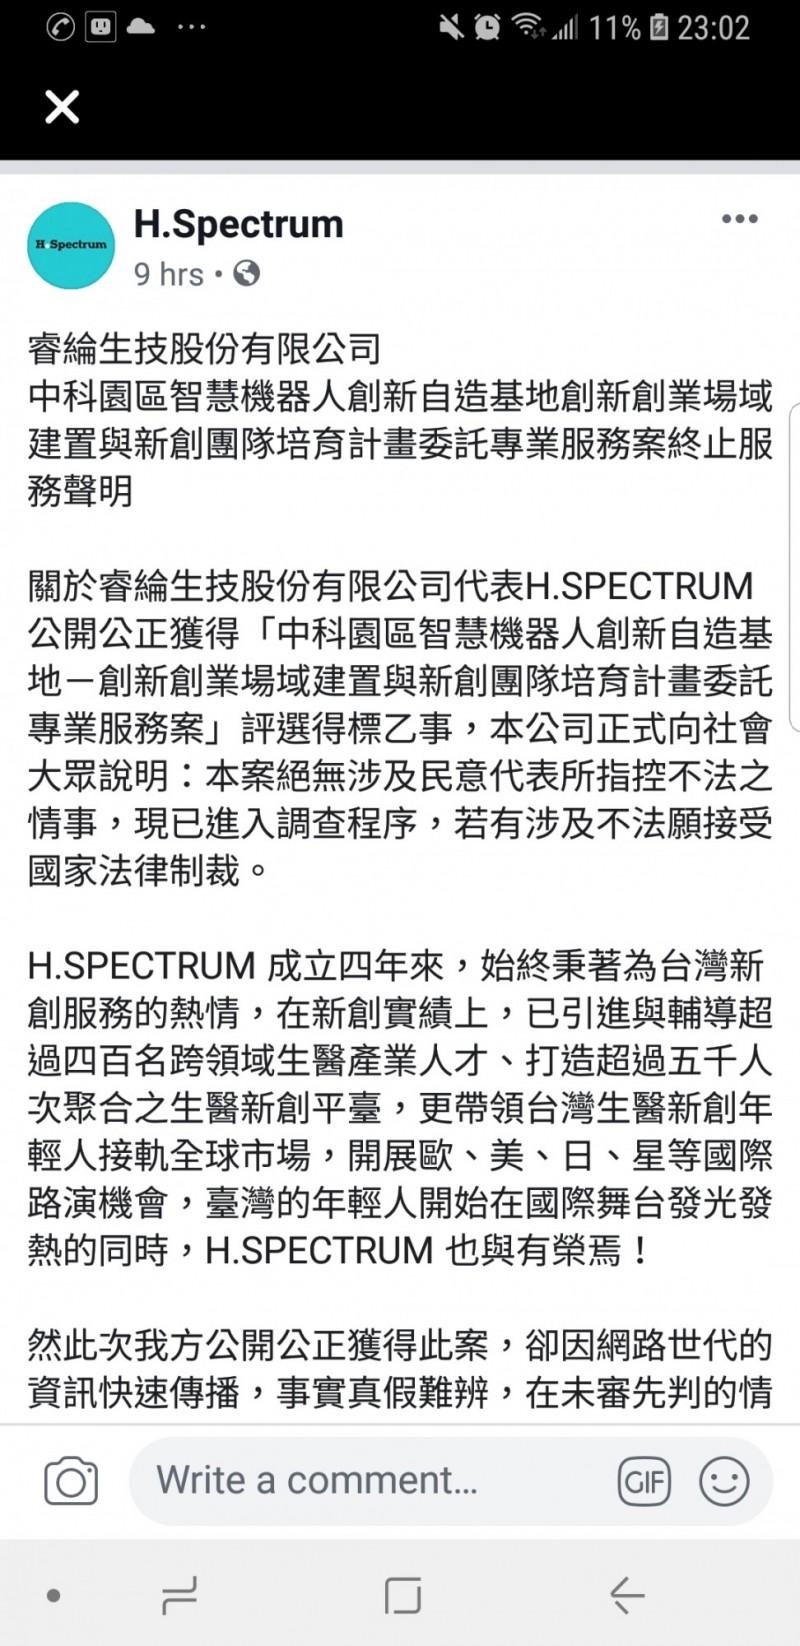 [新聞] 中科標案止血? 鴻海子公司睿綸宣布終止